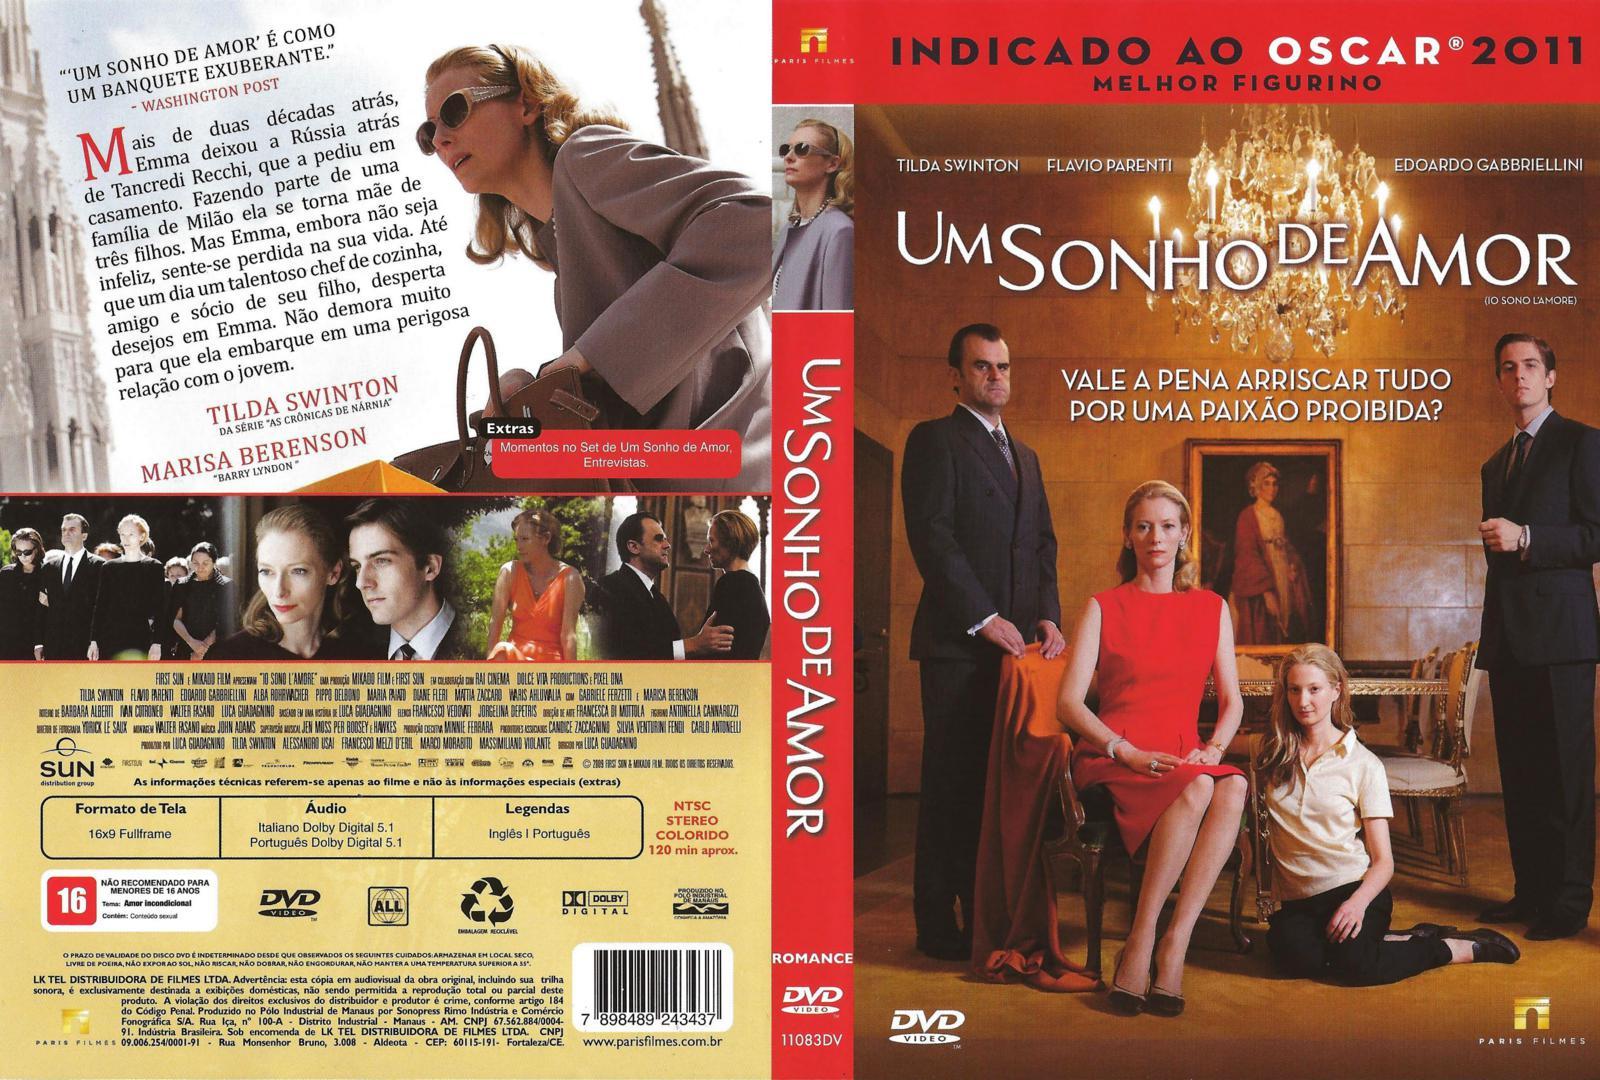 http://3.bp.blogspot.com/-8oV92yYAFxg/T0IySqjY-aI/AAAAAAAAApE/ONNlRlMKgT8/s1600/Um_Sonho_de_Amor.jpg